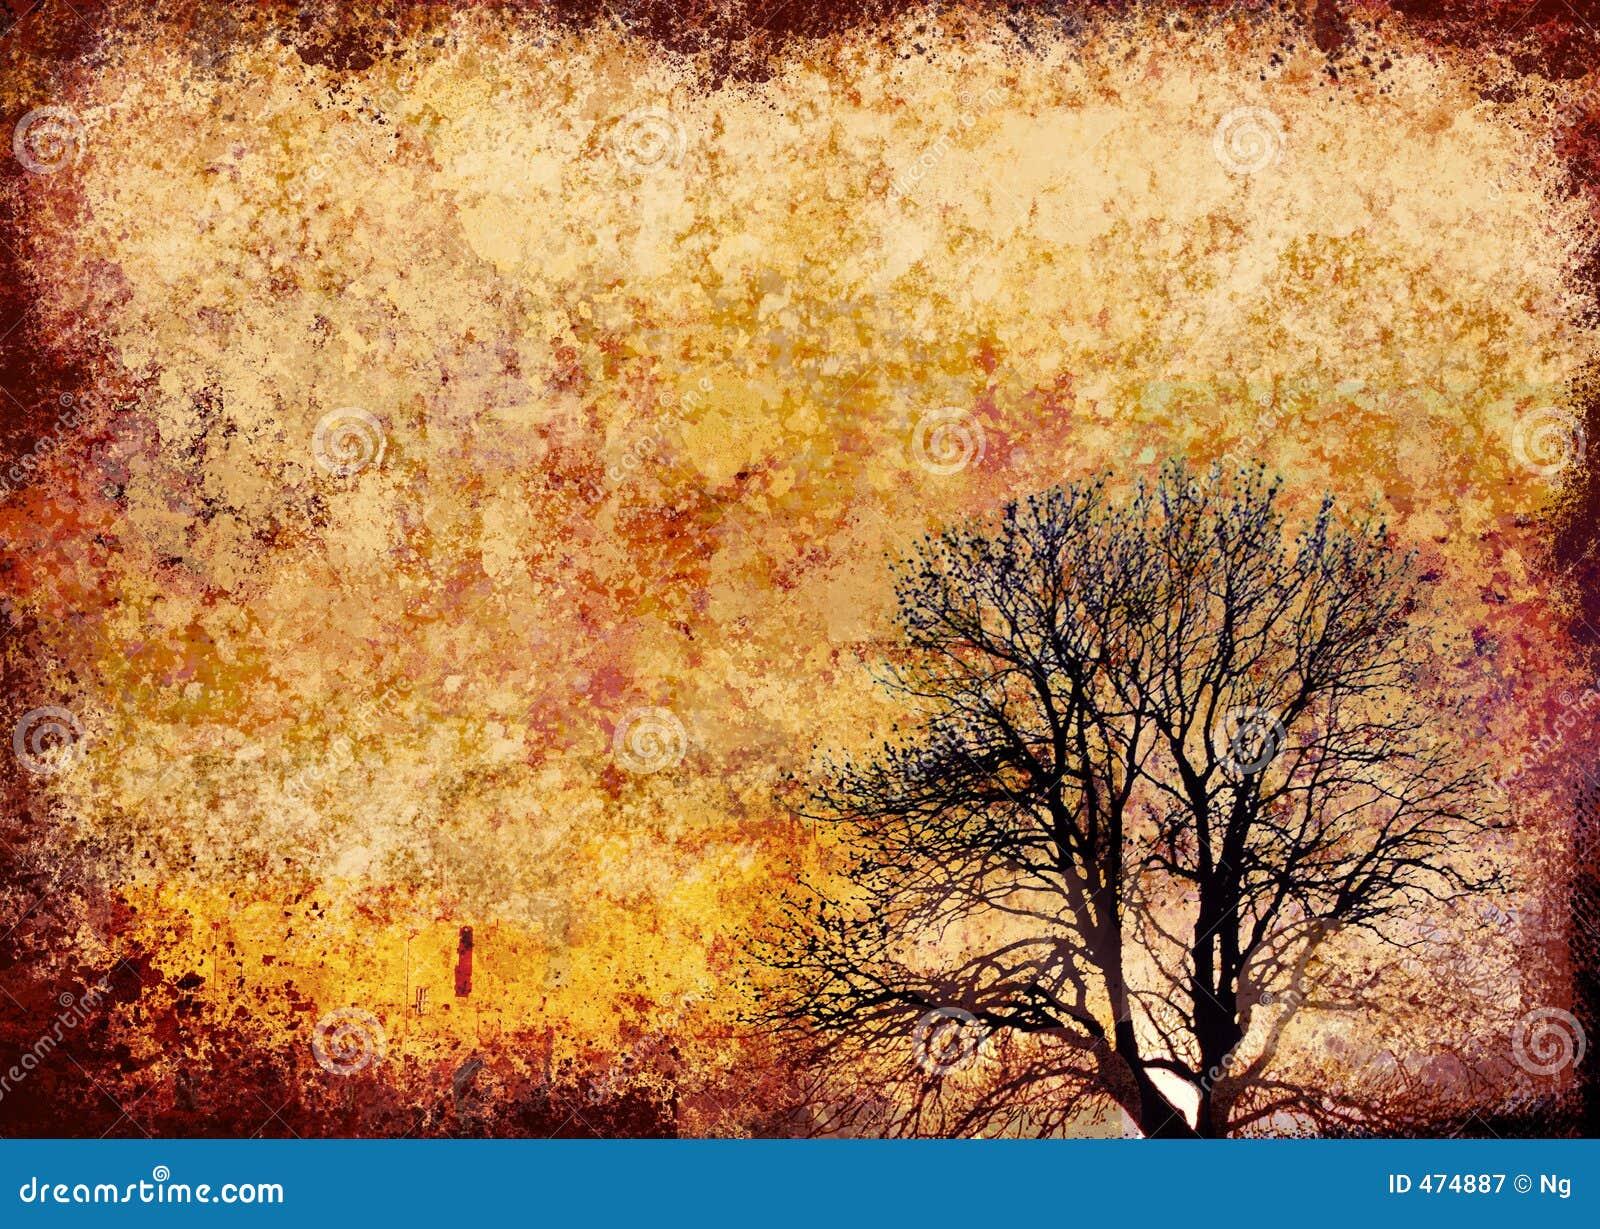 Download Artistic grunge frame stock illustration. Illustration of tree - 474887